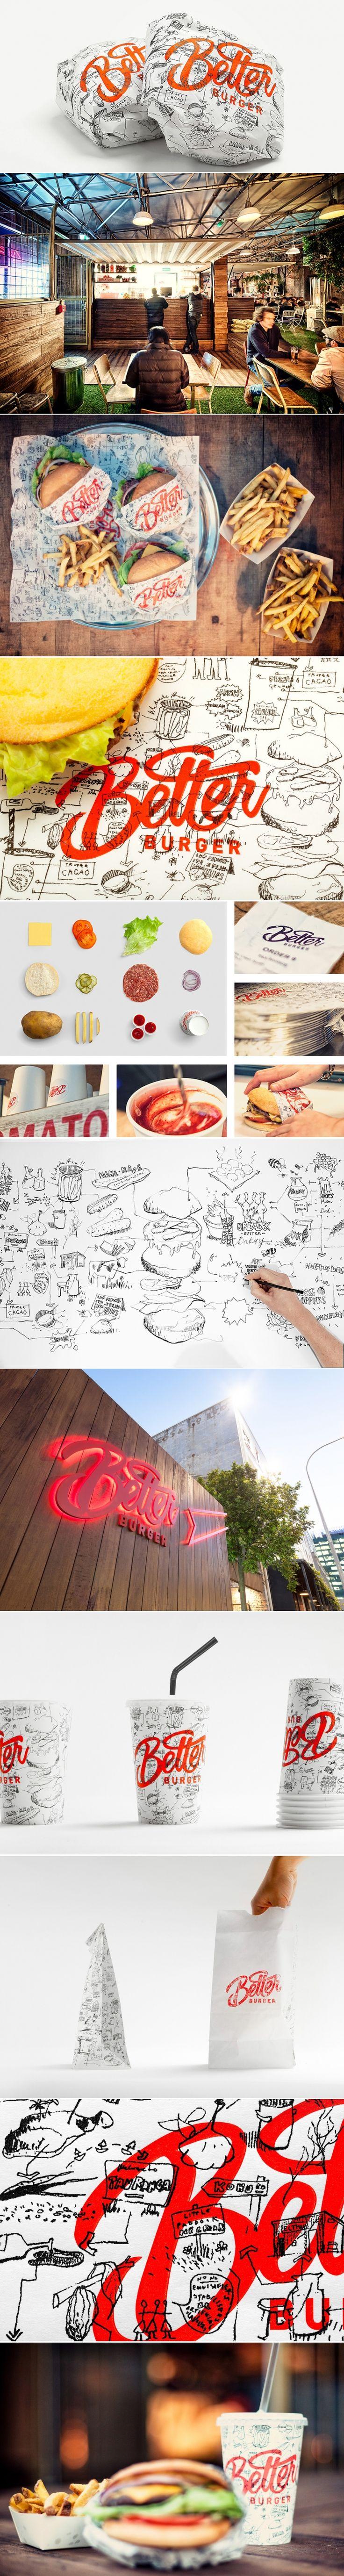 Better Burger — The Dieline | Packaging & Branding Design & Innovation News